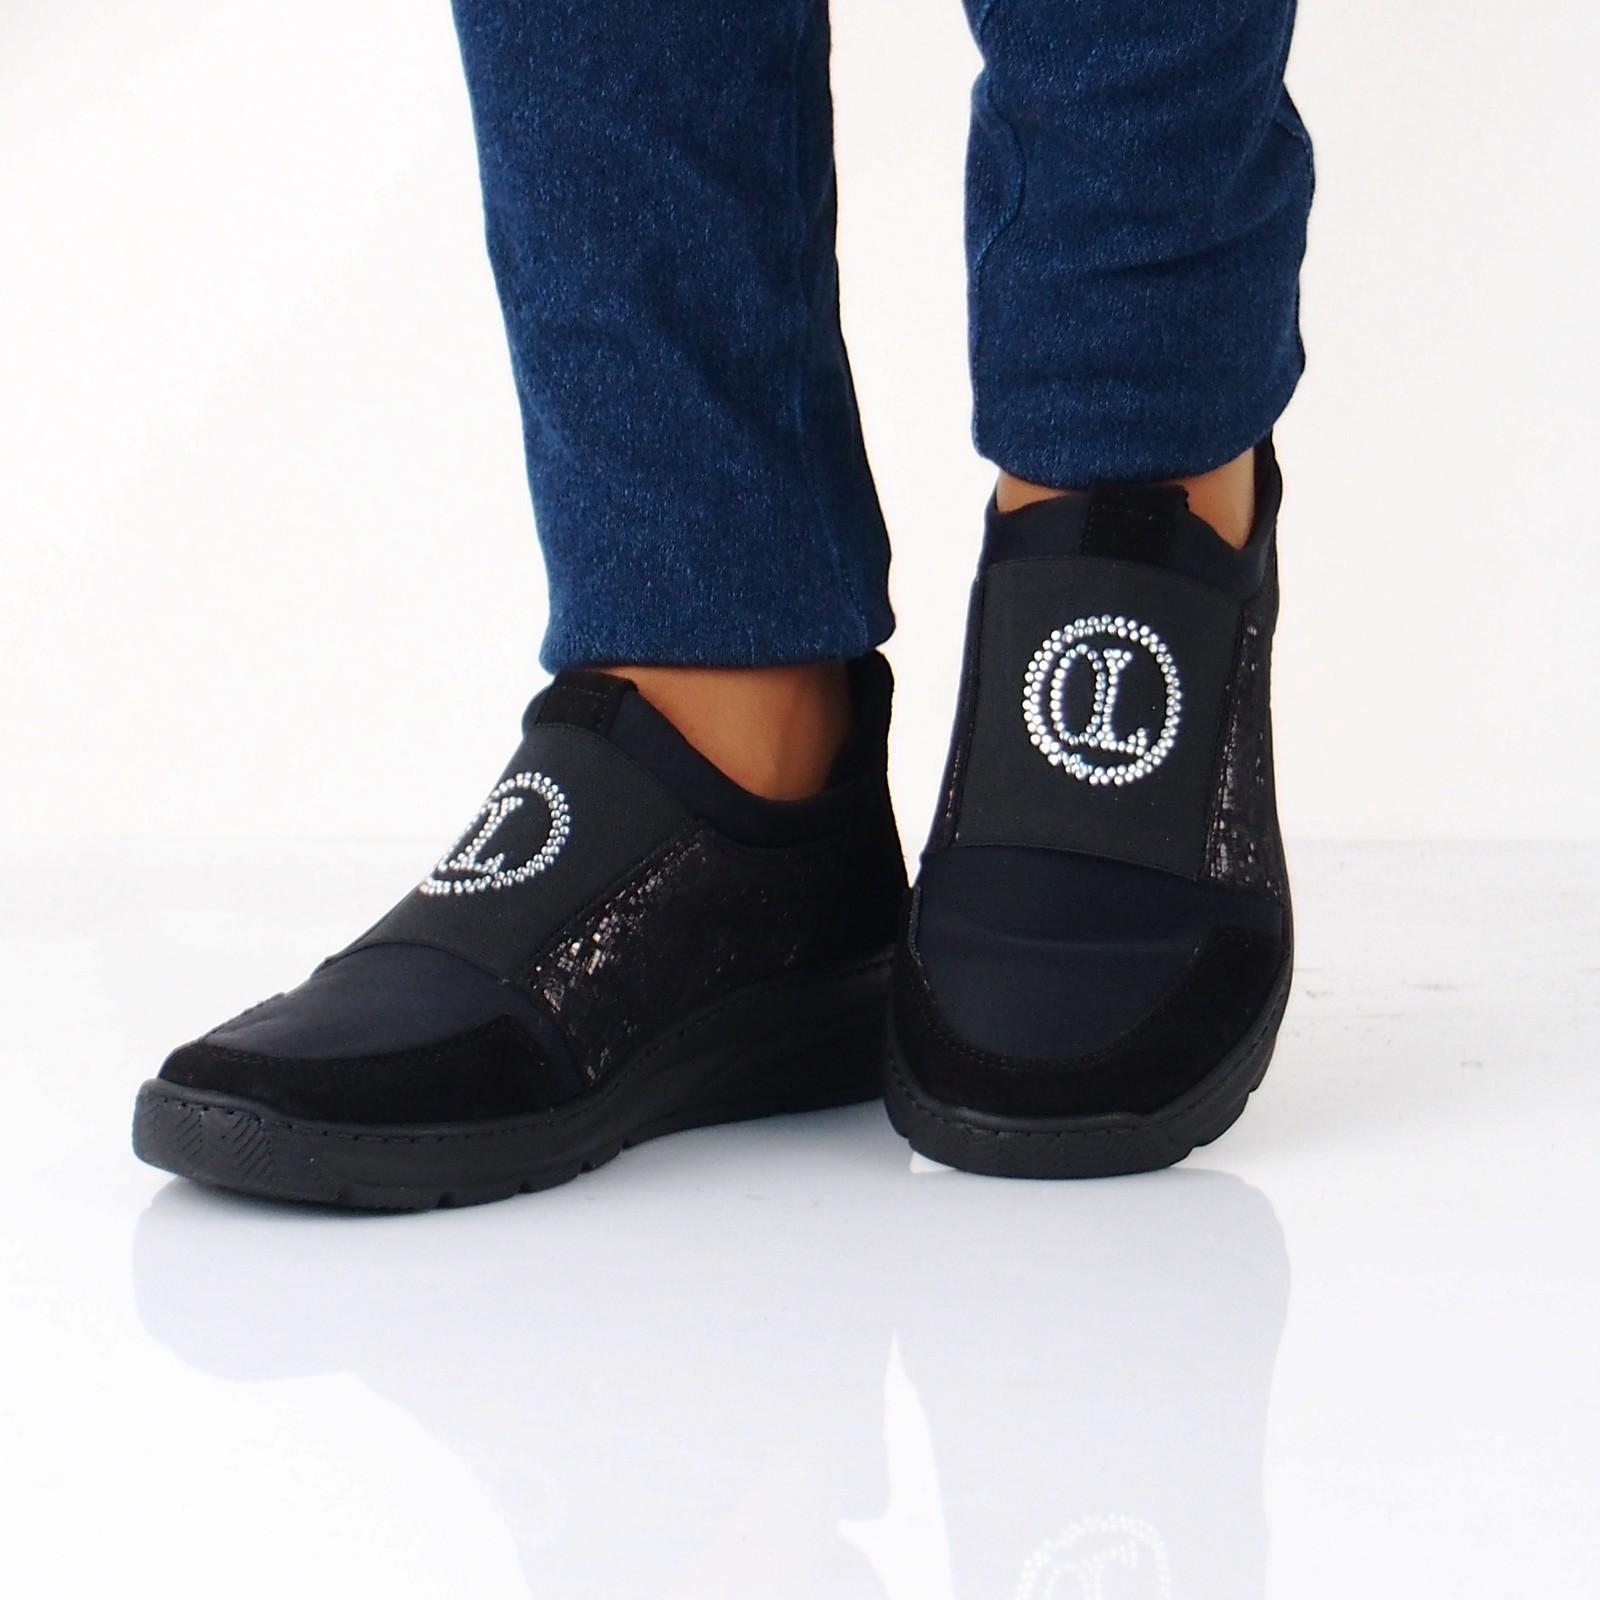 92dfa5b85a Olivia shoes dámske tenisky s ozdobnými kamienkami - čierne ...